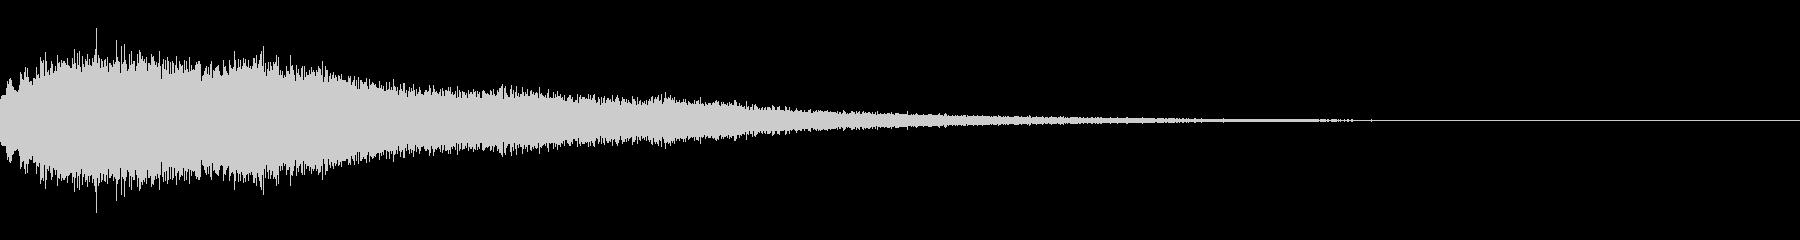 ブーン(下降音)の未再生の波形